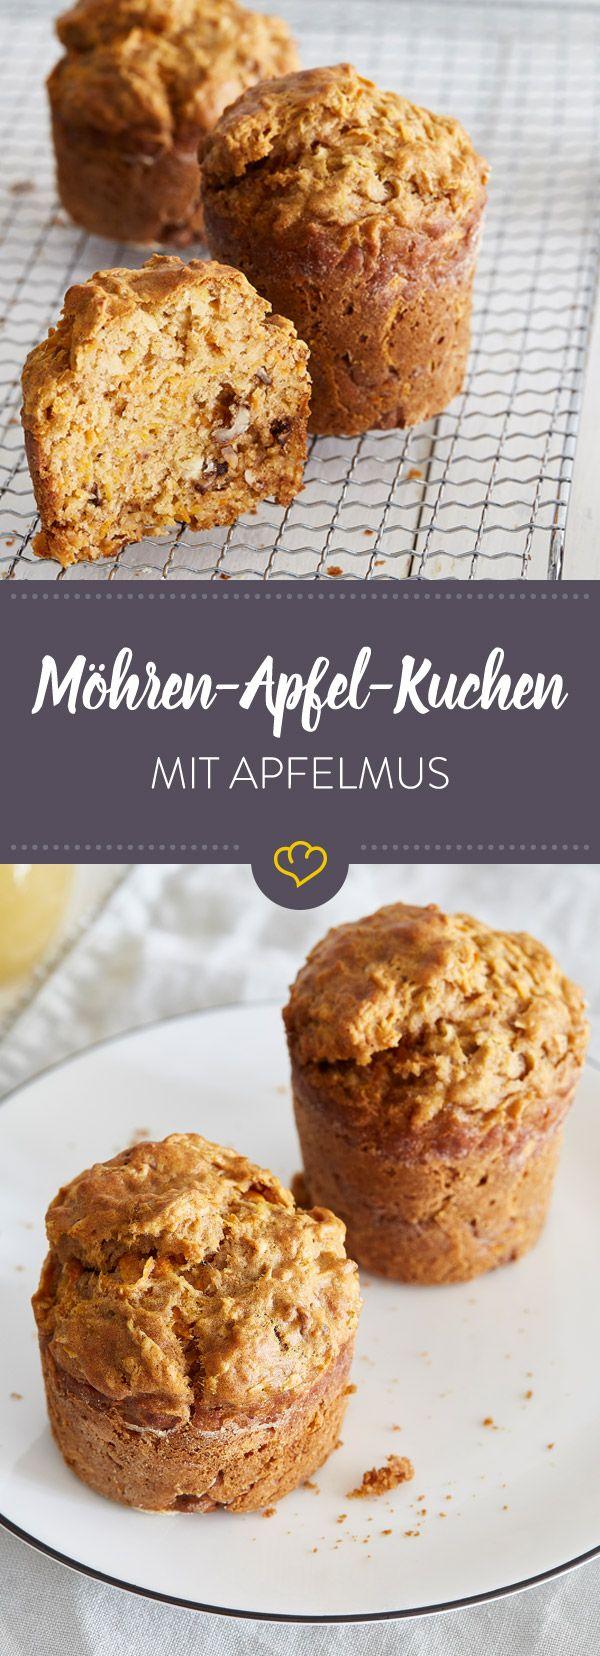 Wie deine Küchlein extra saftig werden? Ganz einfach: mit geriebenen Möhren, selbst gemachtem Apfelmus und etwas Ahornsirup statt raffiniertem Zucker.